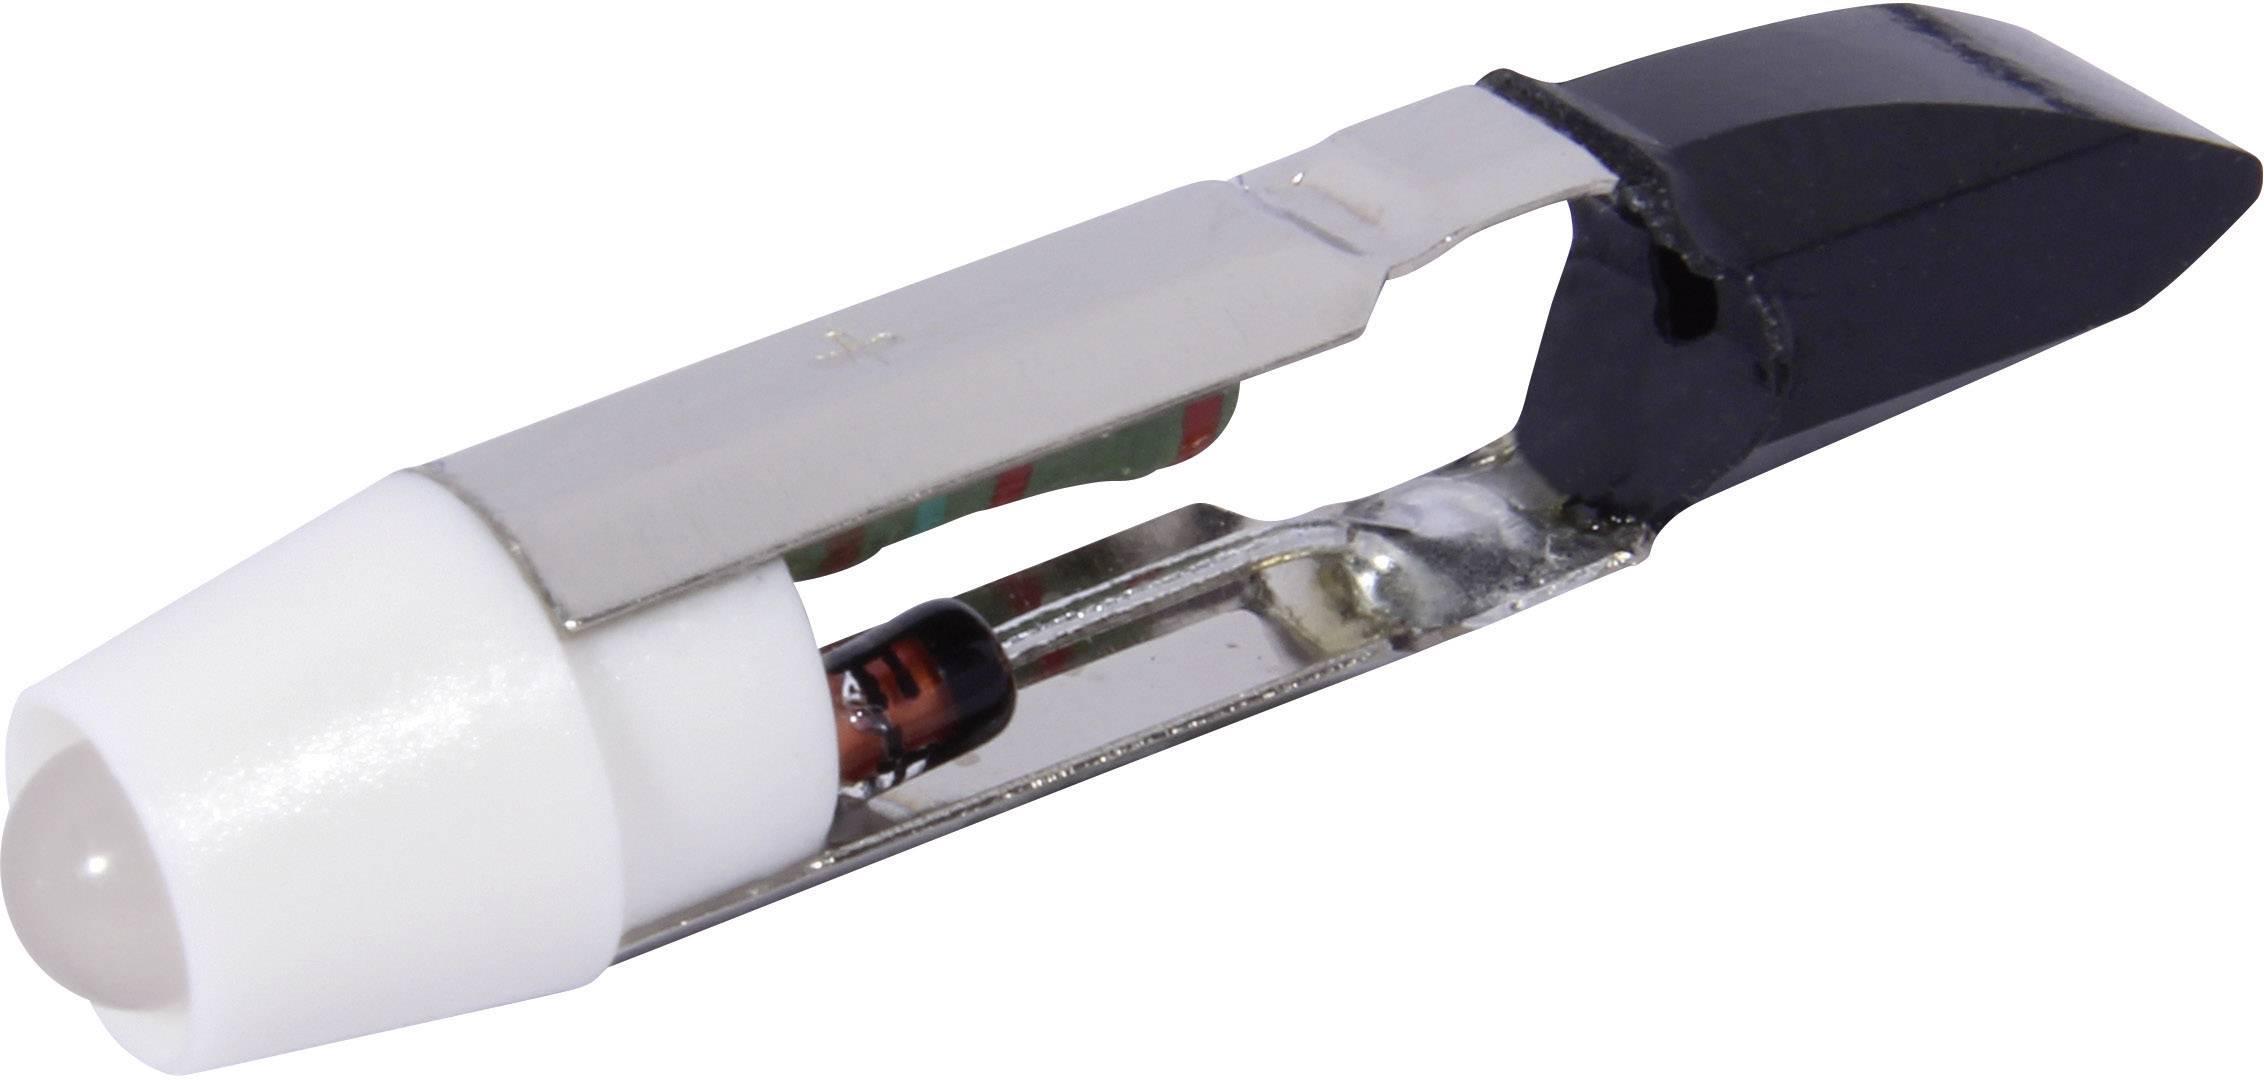 LEDžiarovka CML 1505125L3, T5.5, 12 V/DC, 12 V/AC, 1260 mcd, teplá biela